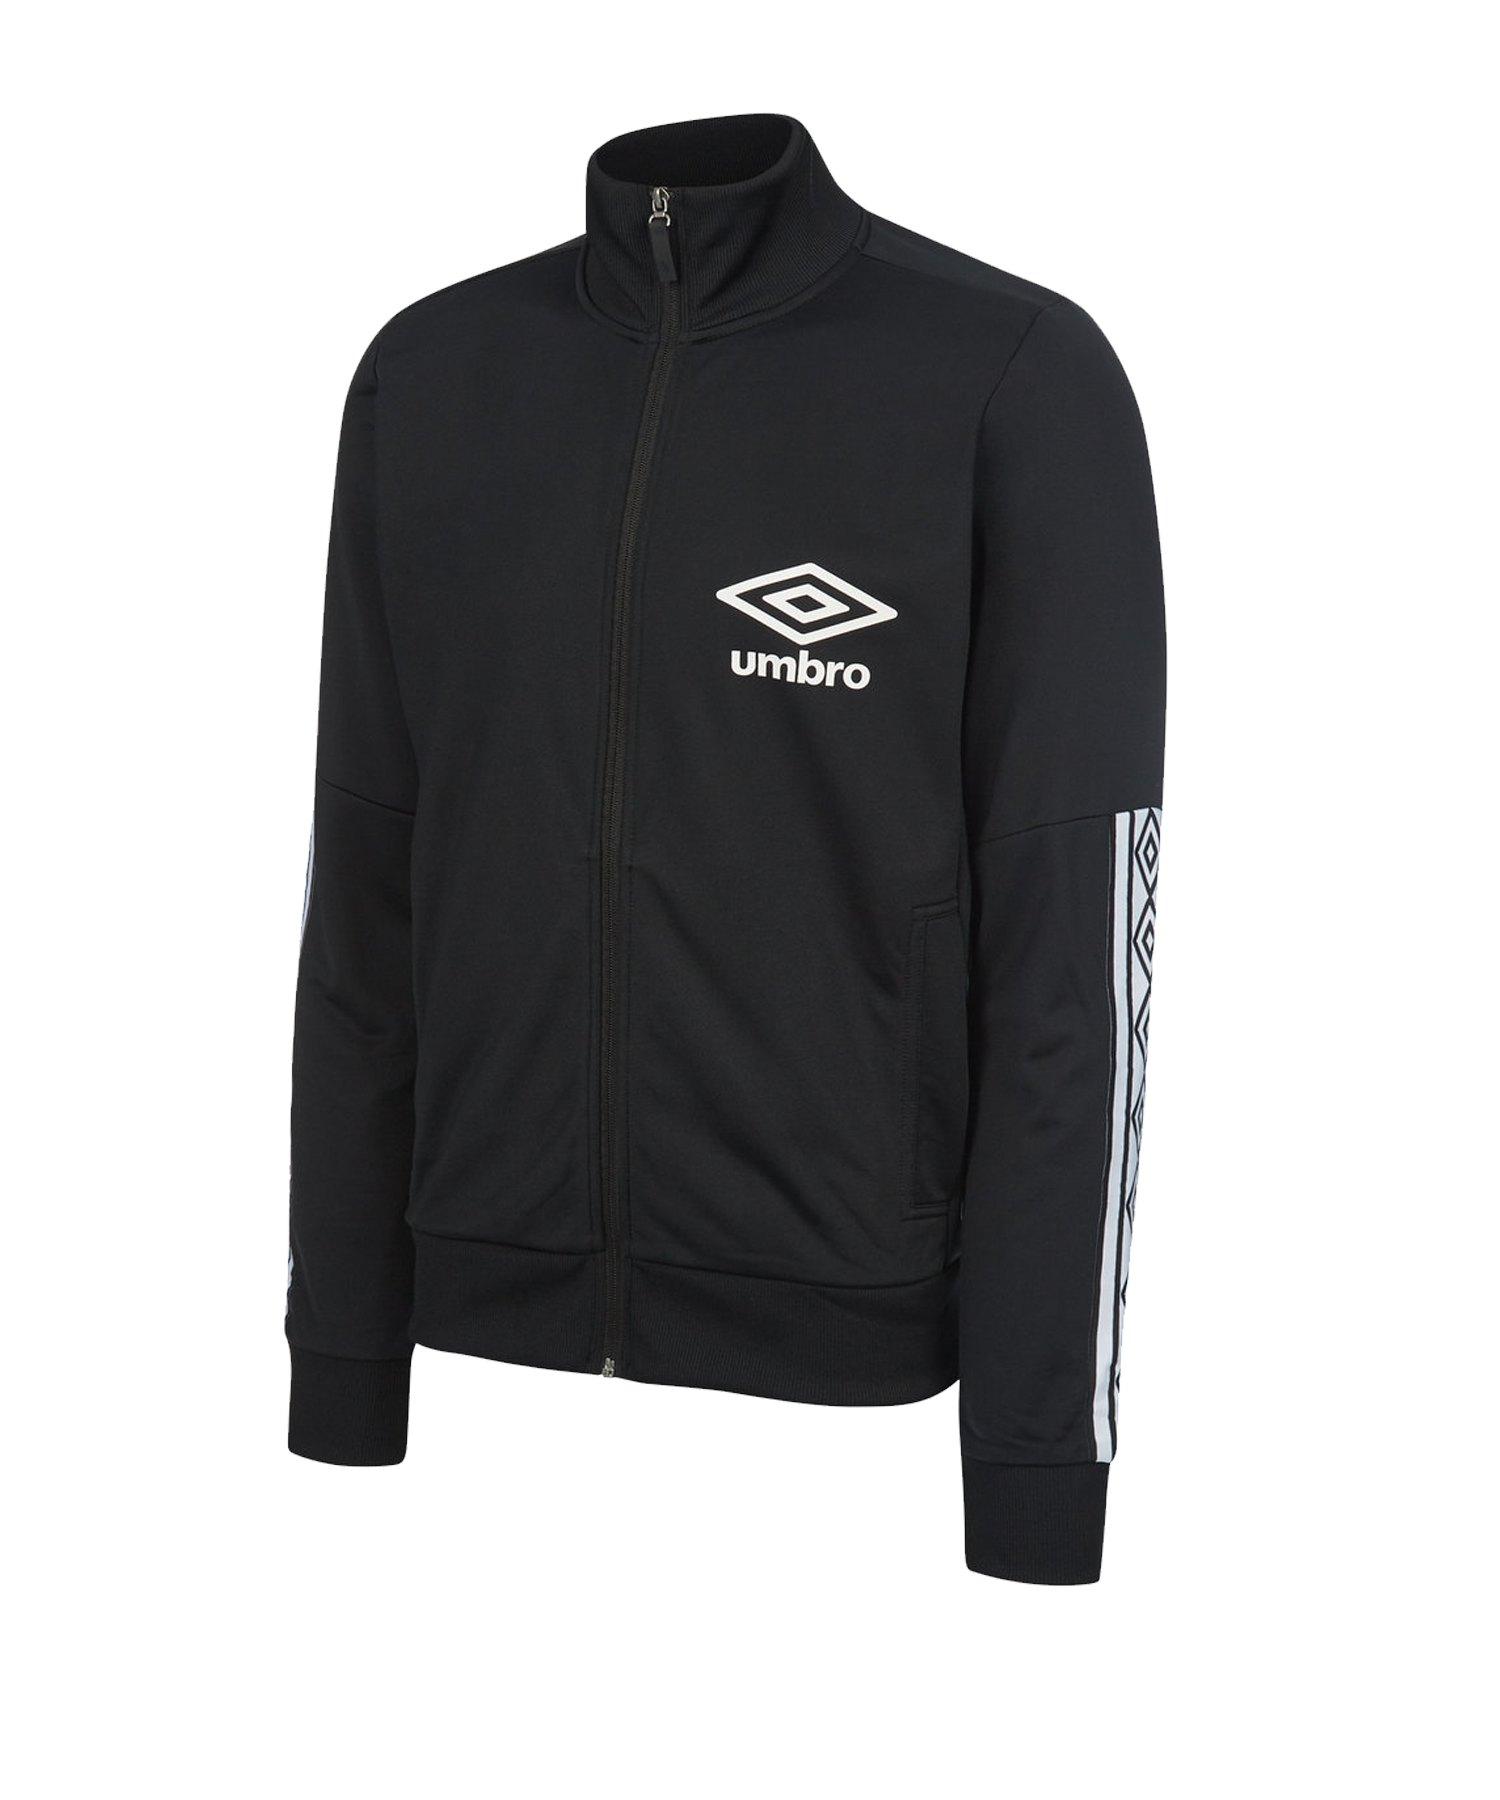 Umbro Track Jacket Jacke Schwarz F060 - schwarz